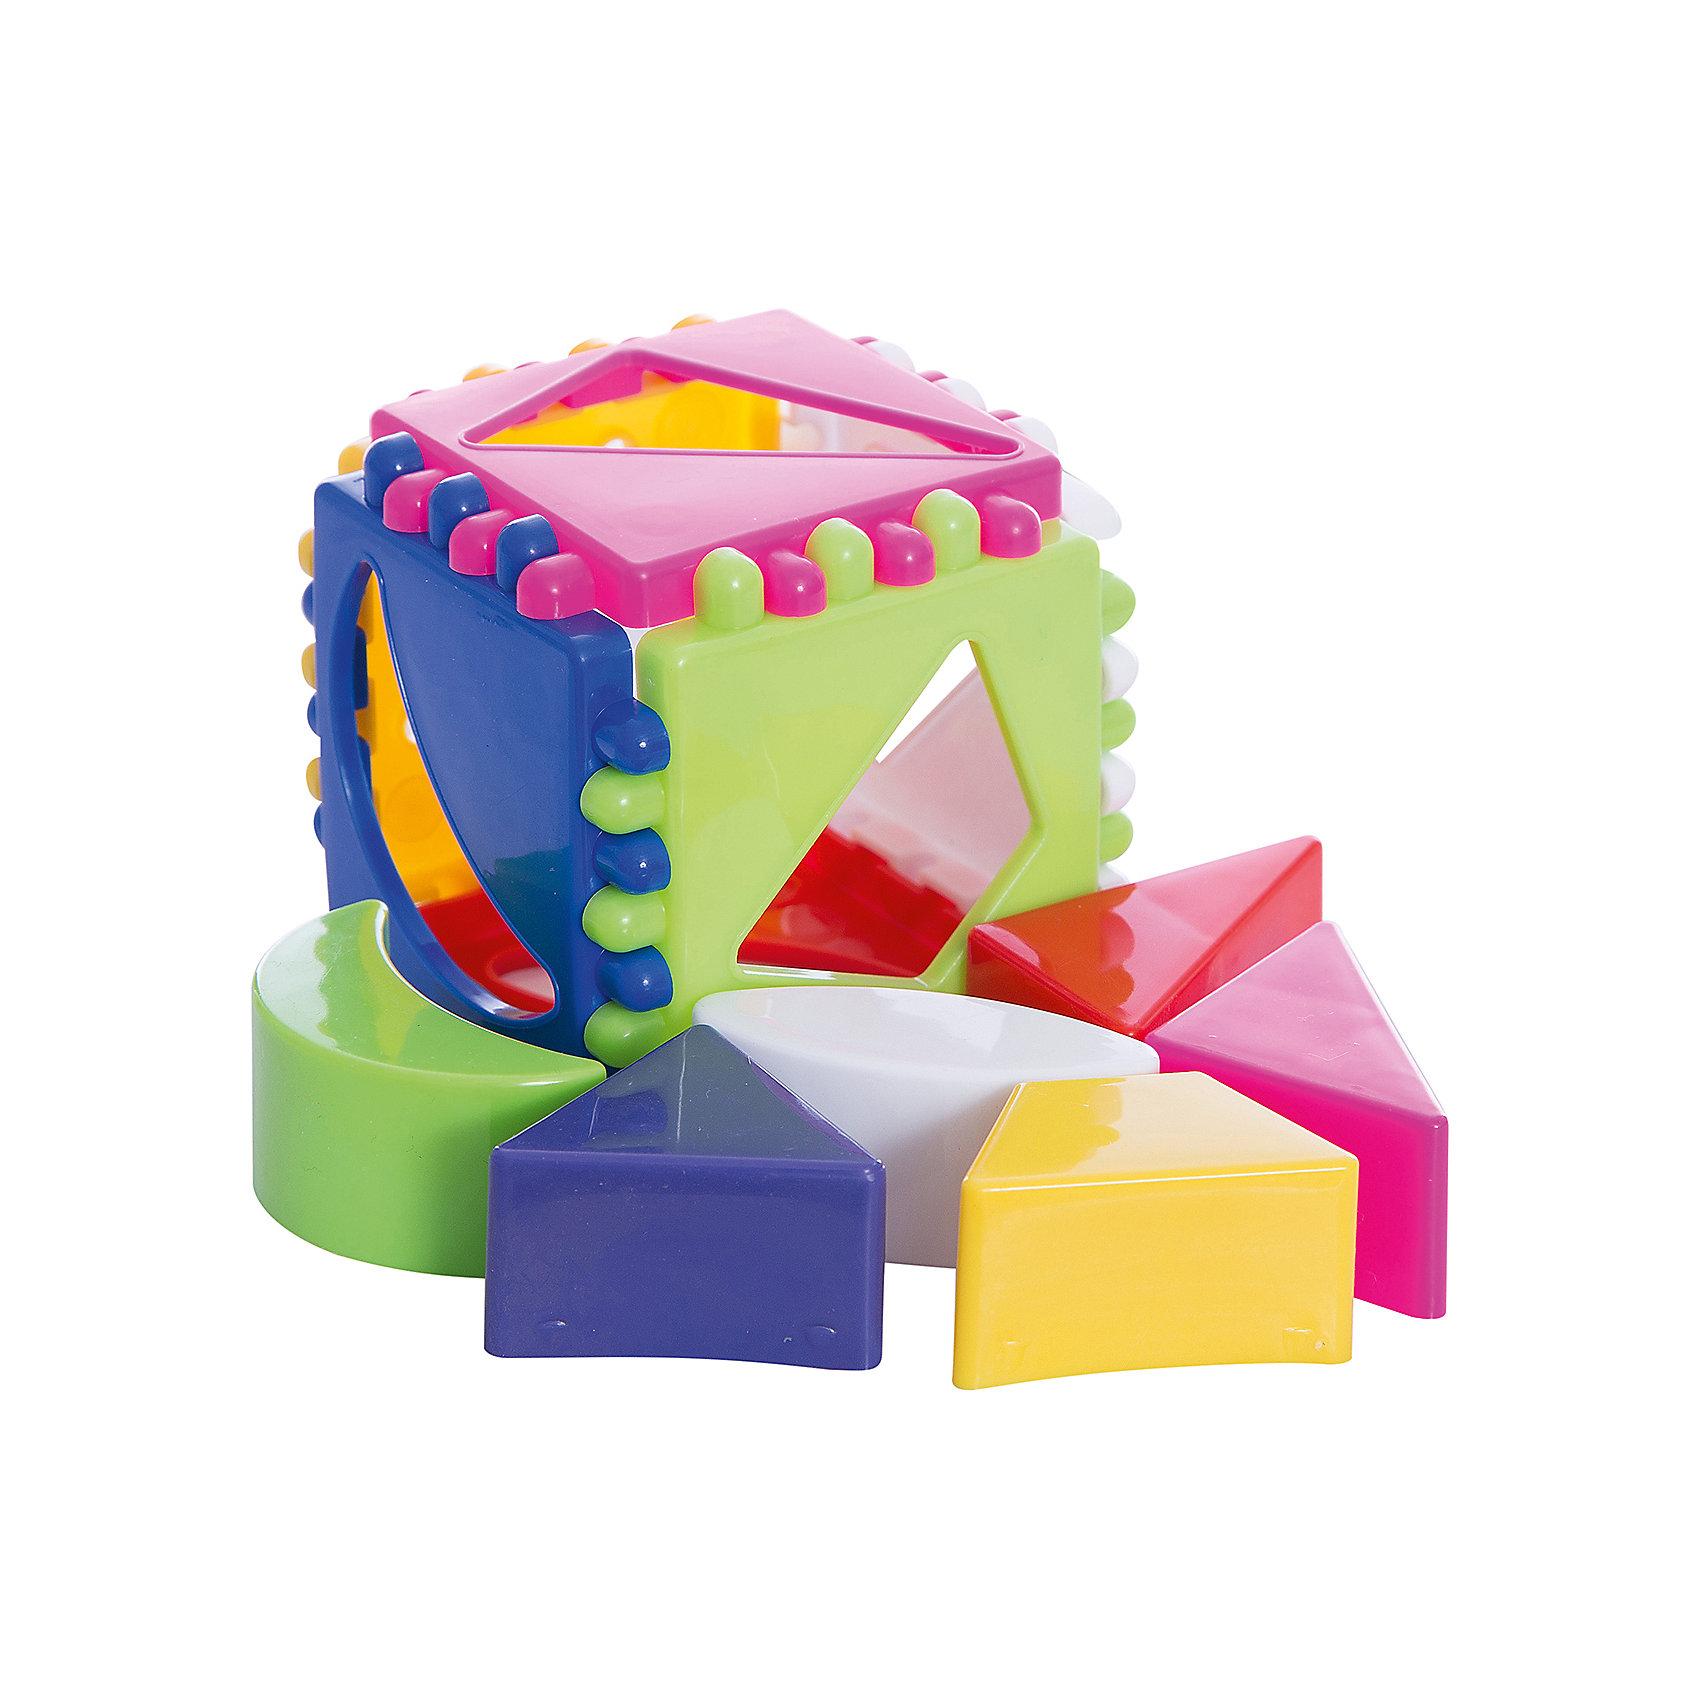 Логический кубик малый, StellarКубики<br>Характеристики товара:<br><br>- цвет: разноцветный;<br>- материал: пластик;<br>- возраст: от 1 года;<br>- размер: 8х8х8 см;<br>- размер одной пластины: 8х8 см.<br><br>Этот яркий куб будет помогать всестороннему развитию малыша и занимать его. Этот набор предназначен для формирования разных навыков, он помогает развить тактильное восприятие, мелкую моторику, воображение, цветовосприятие, внимание и логику. Также куб дополнен сортером - с его помощью малыш научится соотносить формы.<br>Изделие выполнено в ярких цветах, привлекающих внимание малыша. С такой игрушкой детям очень нравится проводить время! Изделие произведено из качественных материалов, безопасных для ребенка.<br><br>Логический кубик малый от бренда Stellar можно купить в нашем интернет-магазине.<br><br>Ширина мм: 80<br>Глубина мм: 80<br>Высота мм: 80<br>Вес г: 90<br>Возраст от месяцев: 12<br>Возраст до месяцев: 2147483647<br>Пол: Унисекс<br>Возраст: Детский<br>SKU: 5079943